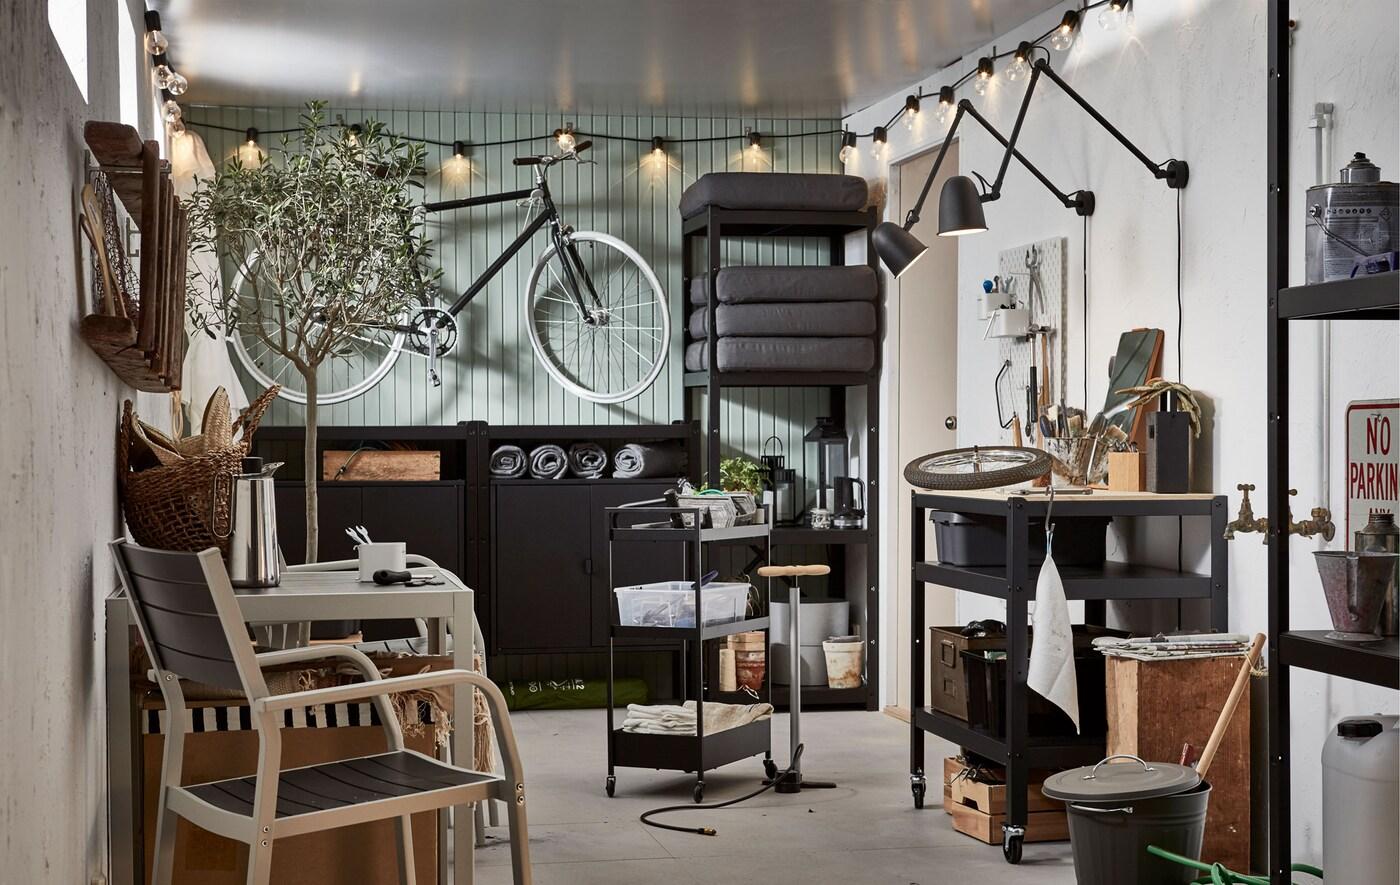 Interiér garáže se zavěšeným kolem, policemi pro venkovní vybavení, funkční osvětlení